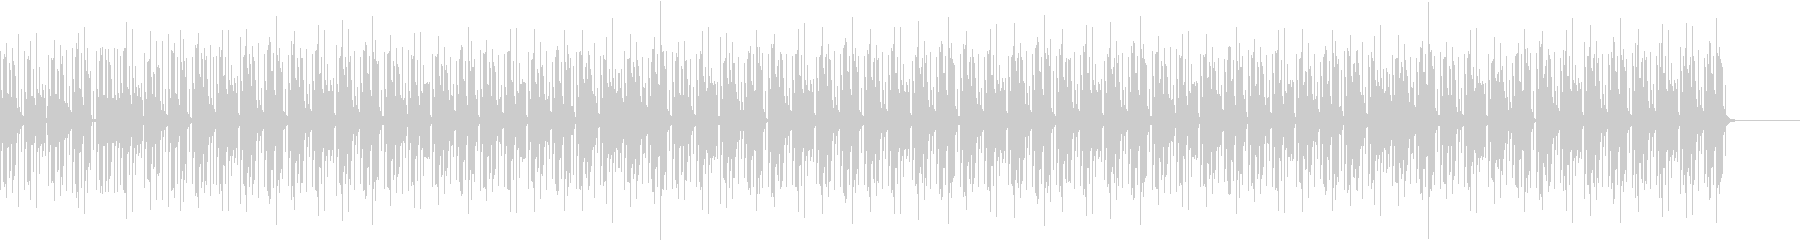 作業系(工作、料理、パズル)ゆるいBGMの未再生の波形